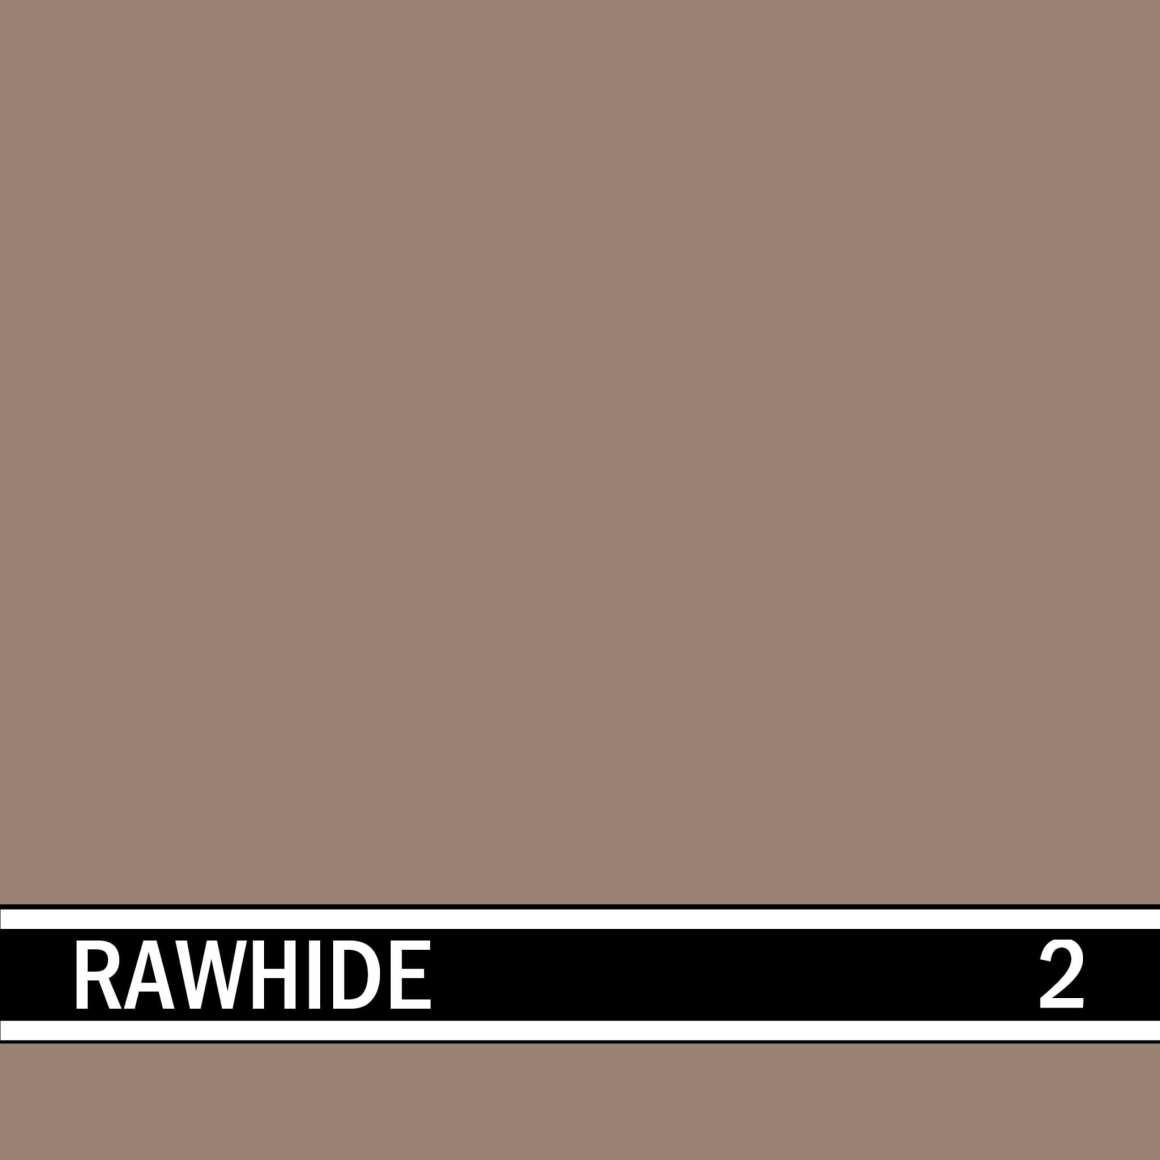 Rawhide integral concrete color for stamped concrete and decorative colored concrete